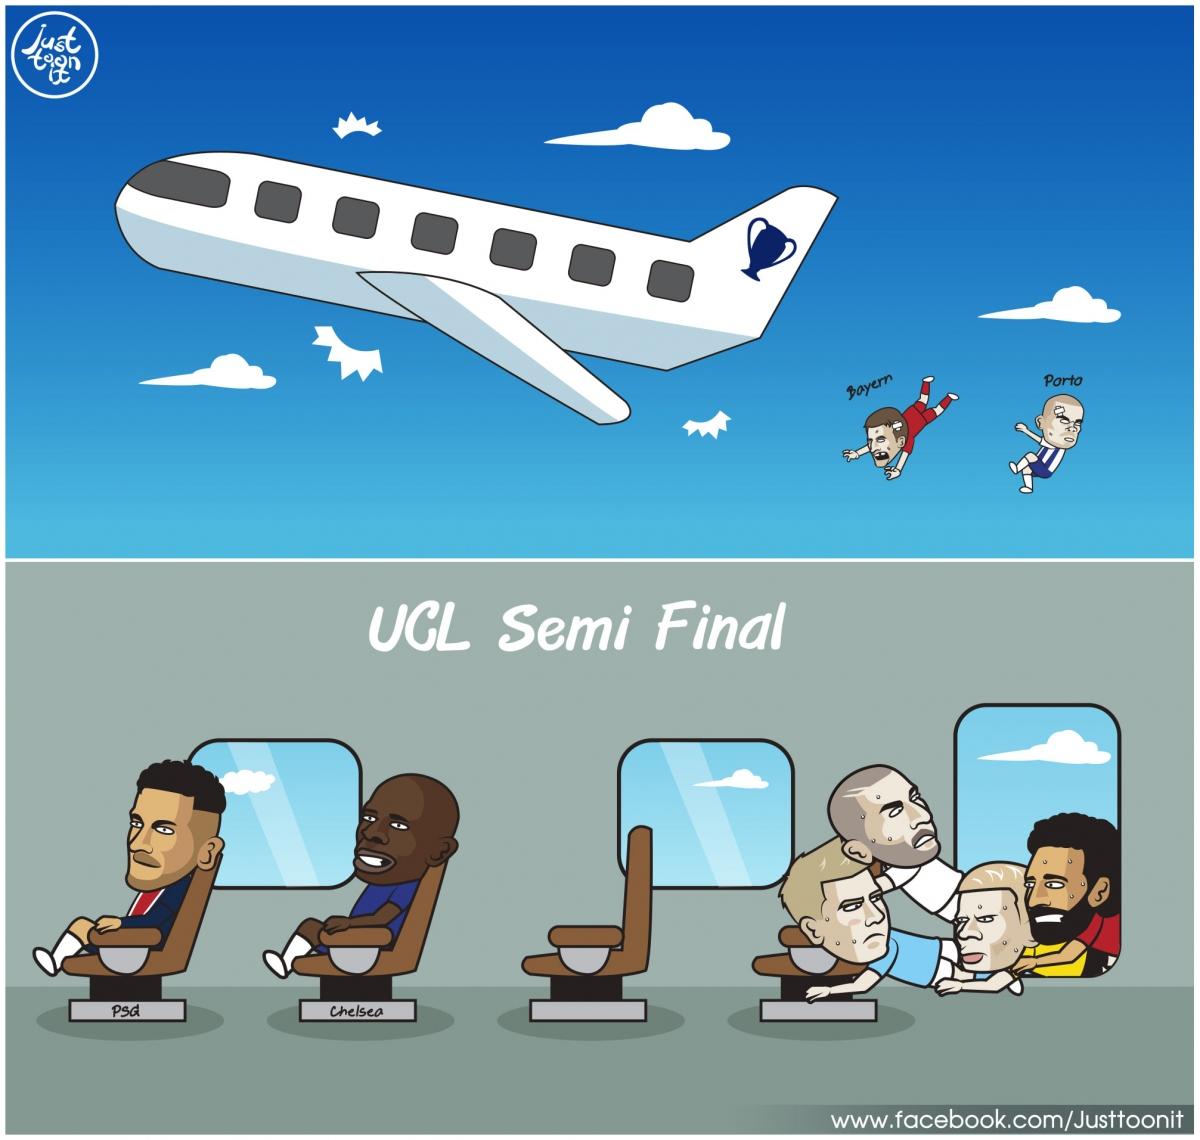 Toàn cảnh Champions League sau hai trận đấu sớm lượt về tứ kết. (Ảnh: Just Toon it).